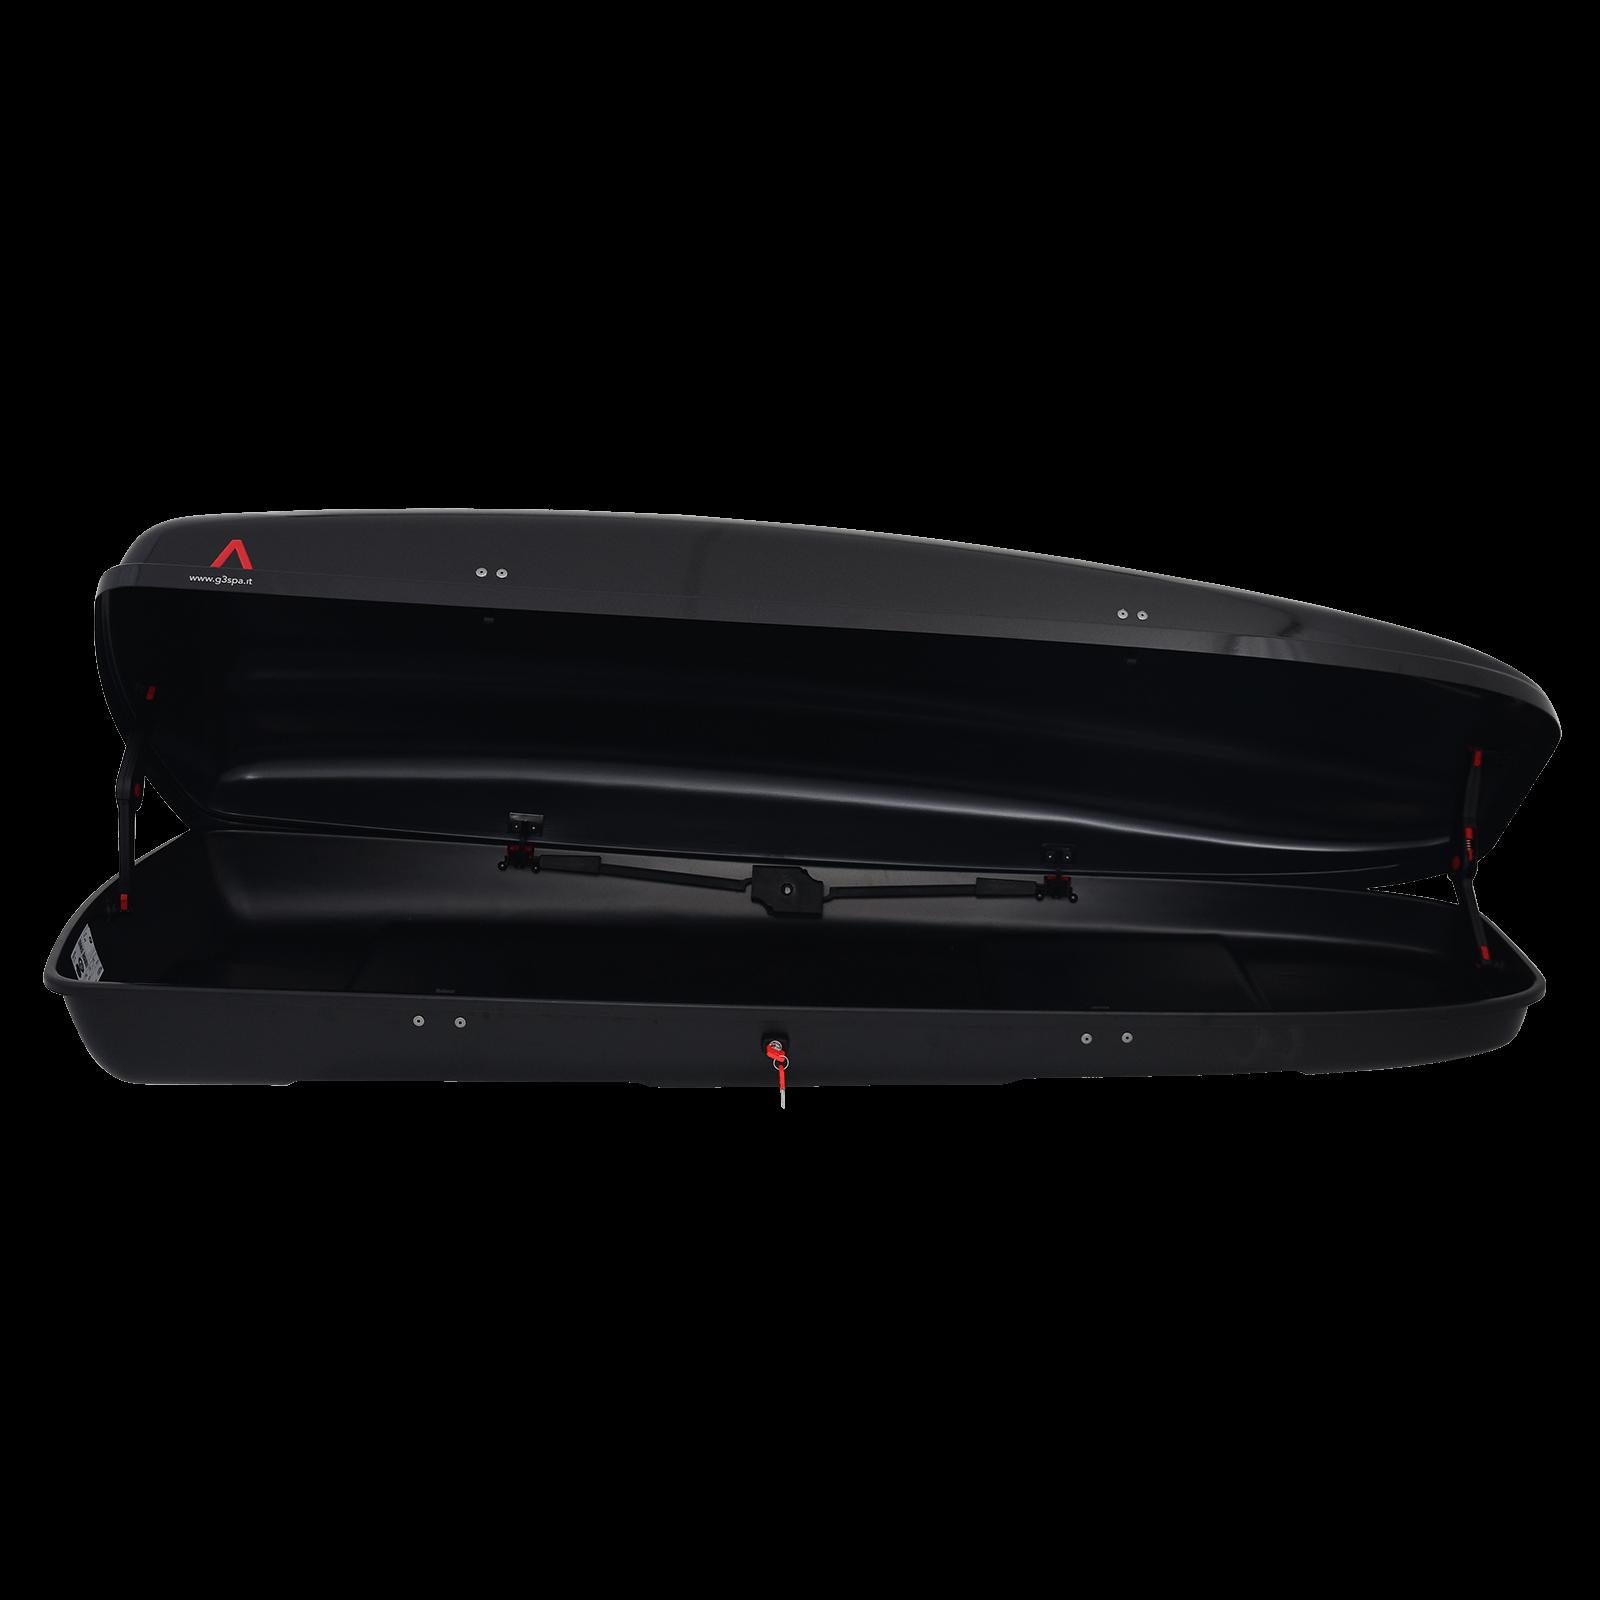 Dachbox G3 Arjes 480 schwarz glänzend - Bild 2